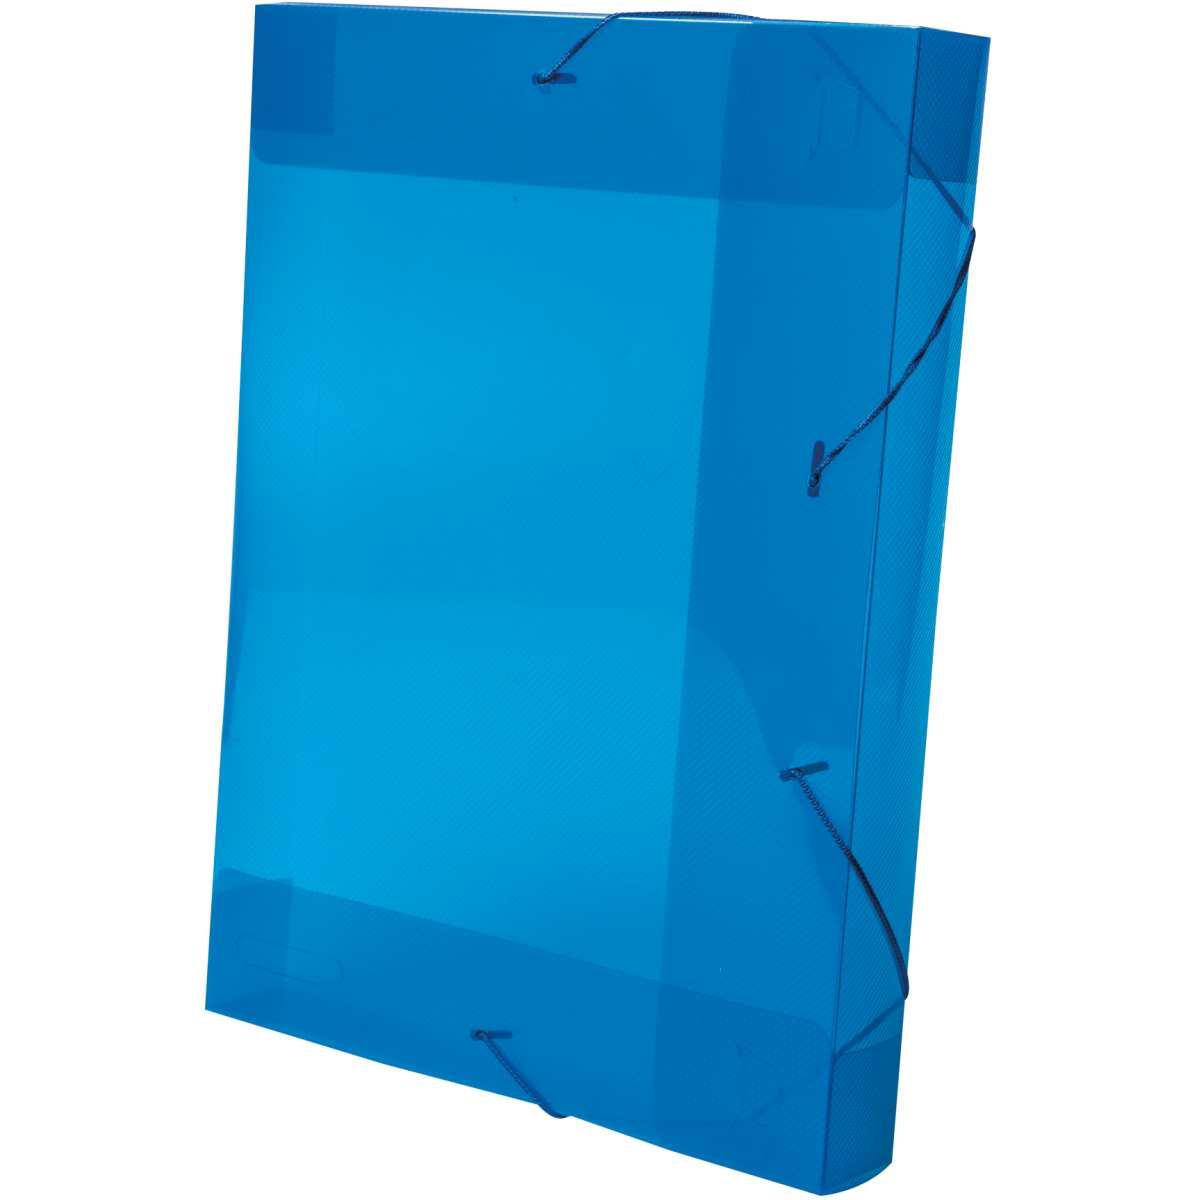 PASTA ABA ELASTICA PLASTICA OFICIO 5,5CM AZUL DELLOLINE COM 10 UNIDADES